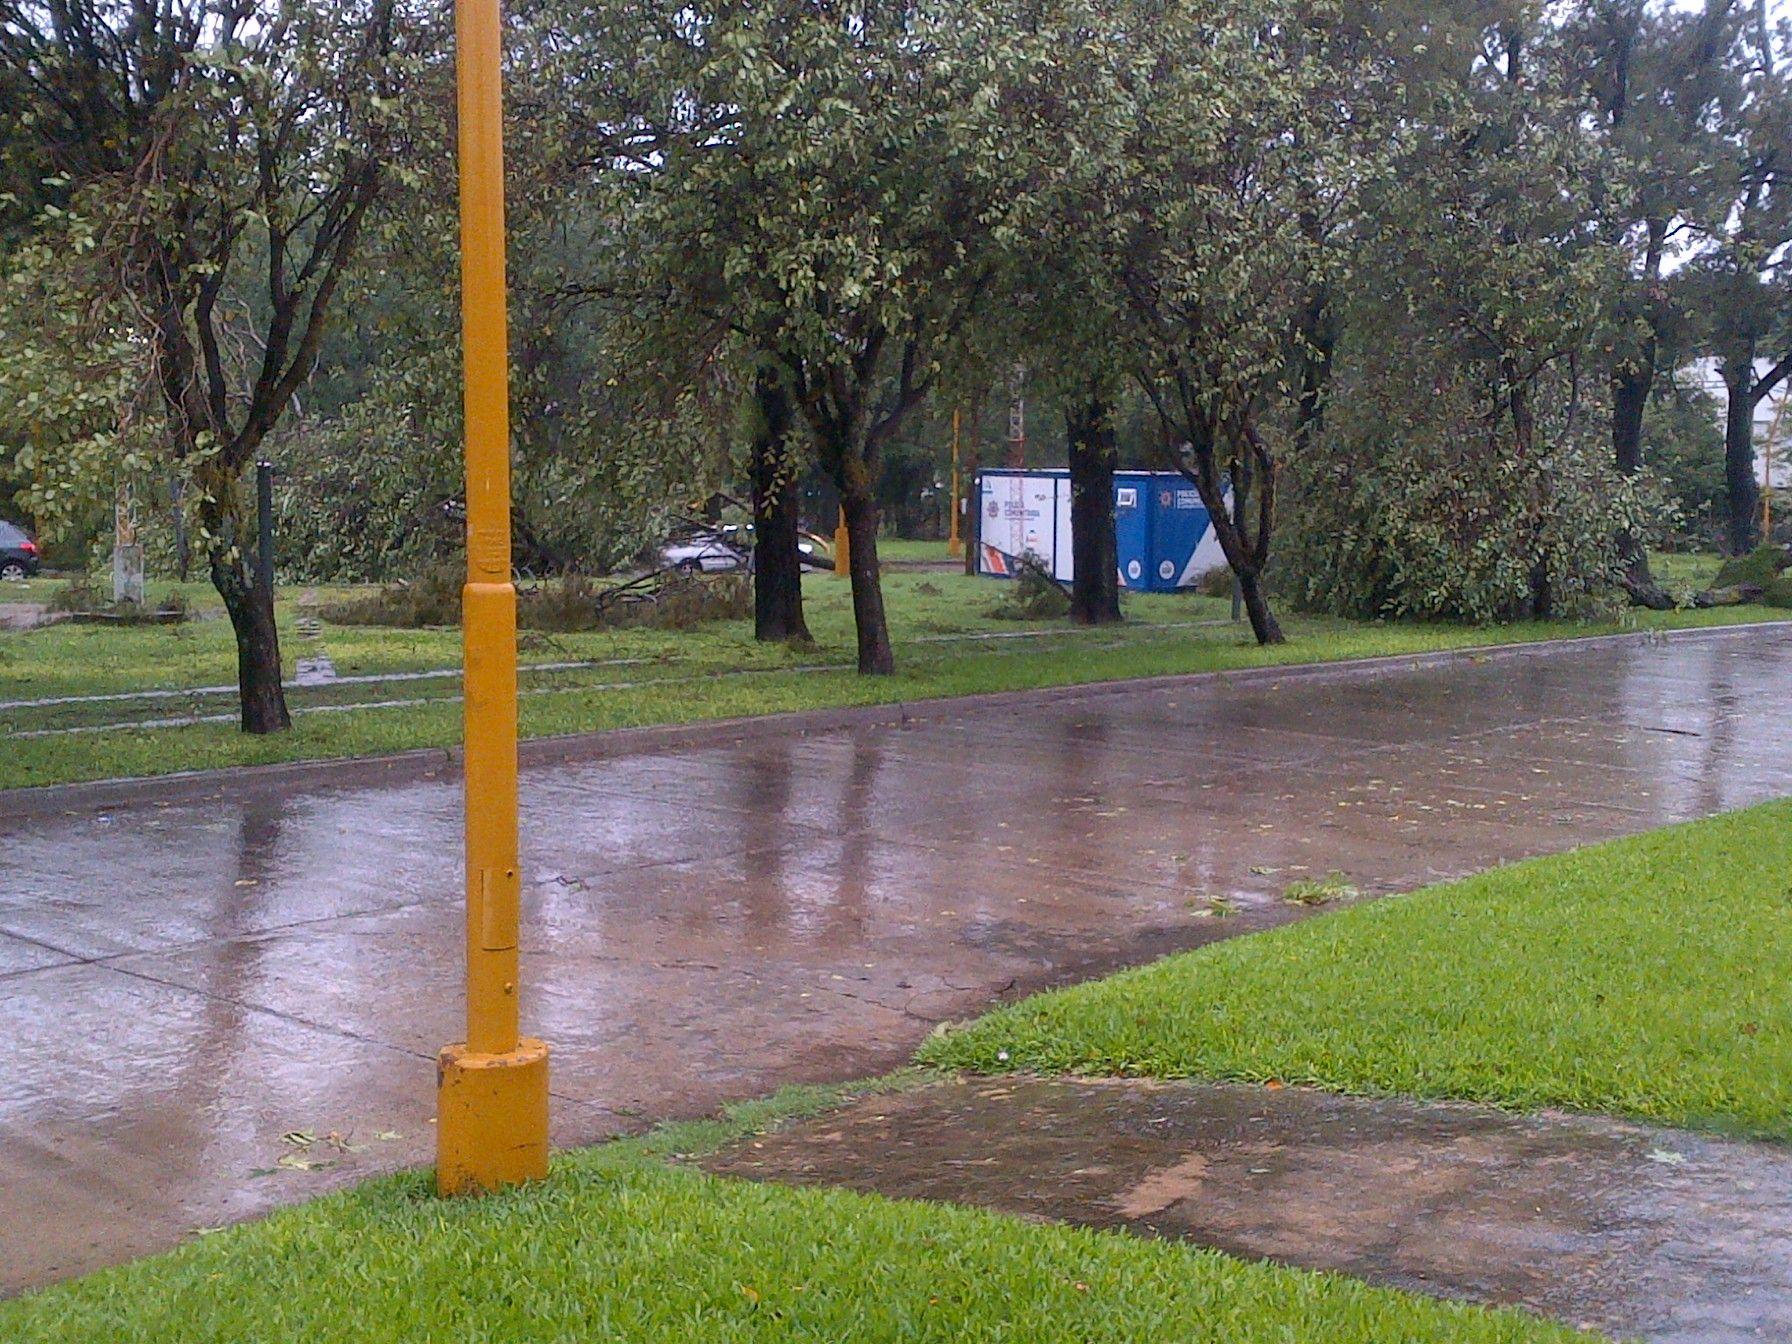 Bulevar Muttis y Laprida. El temporal también se sintió en la zona de la Costanera. Gentileza Alejo Martínez